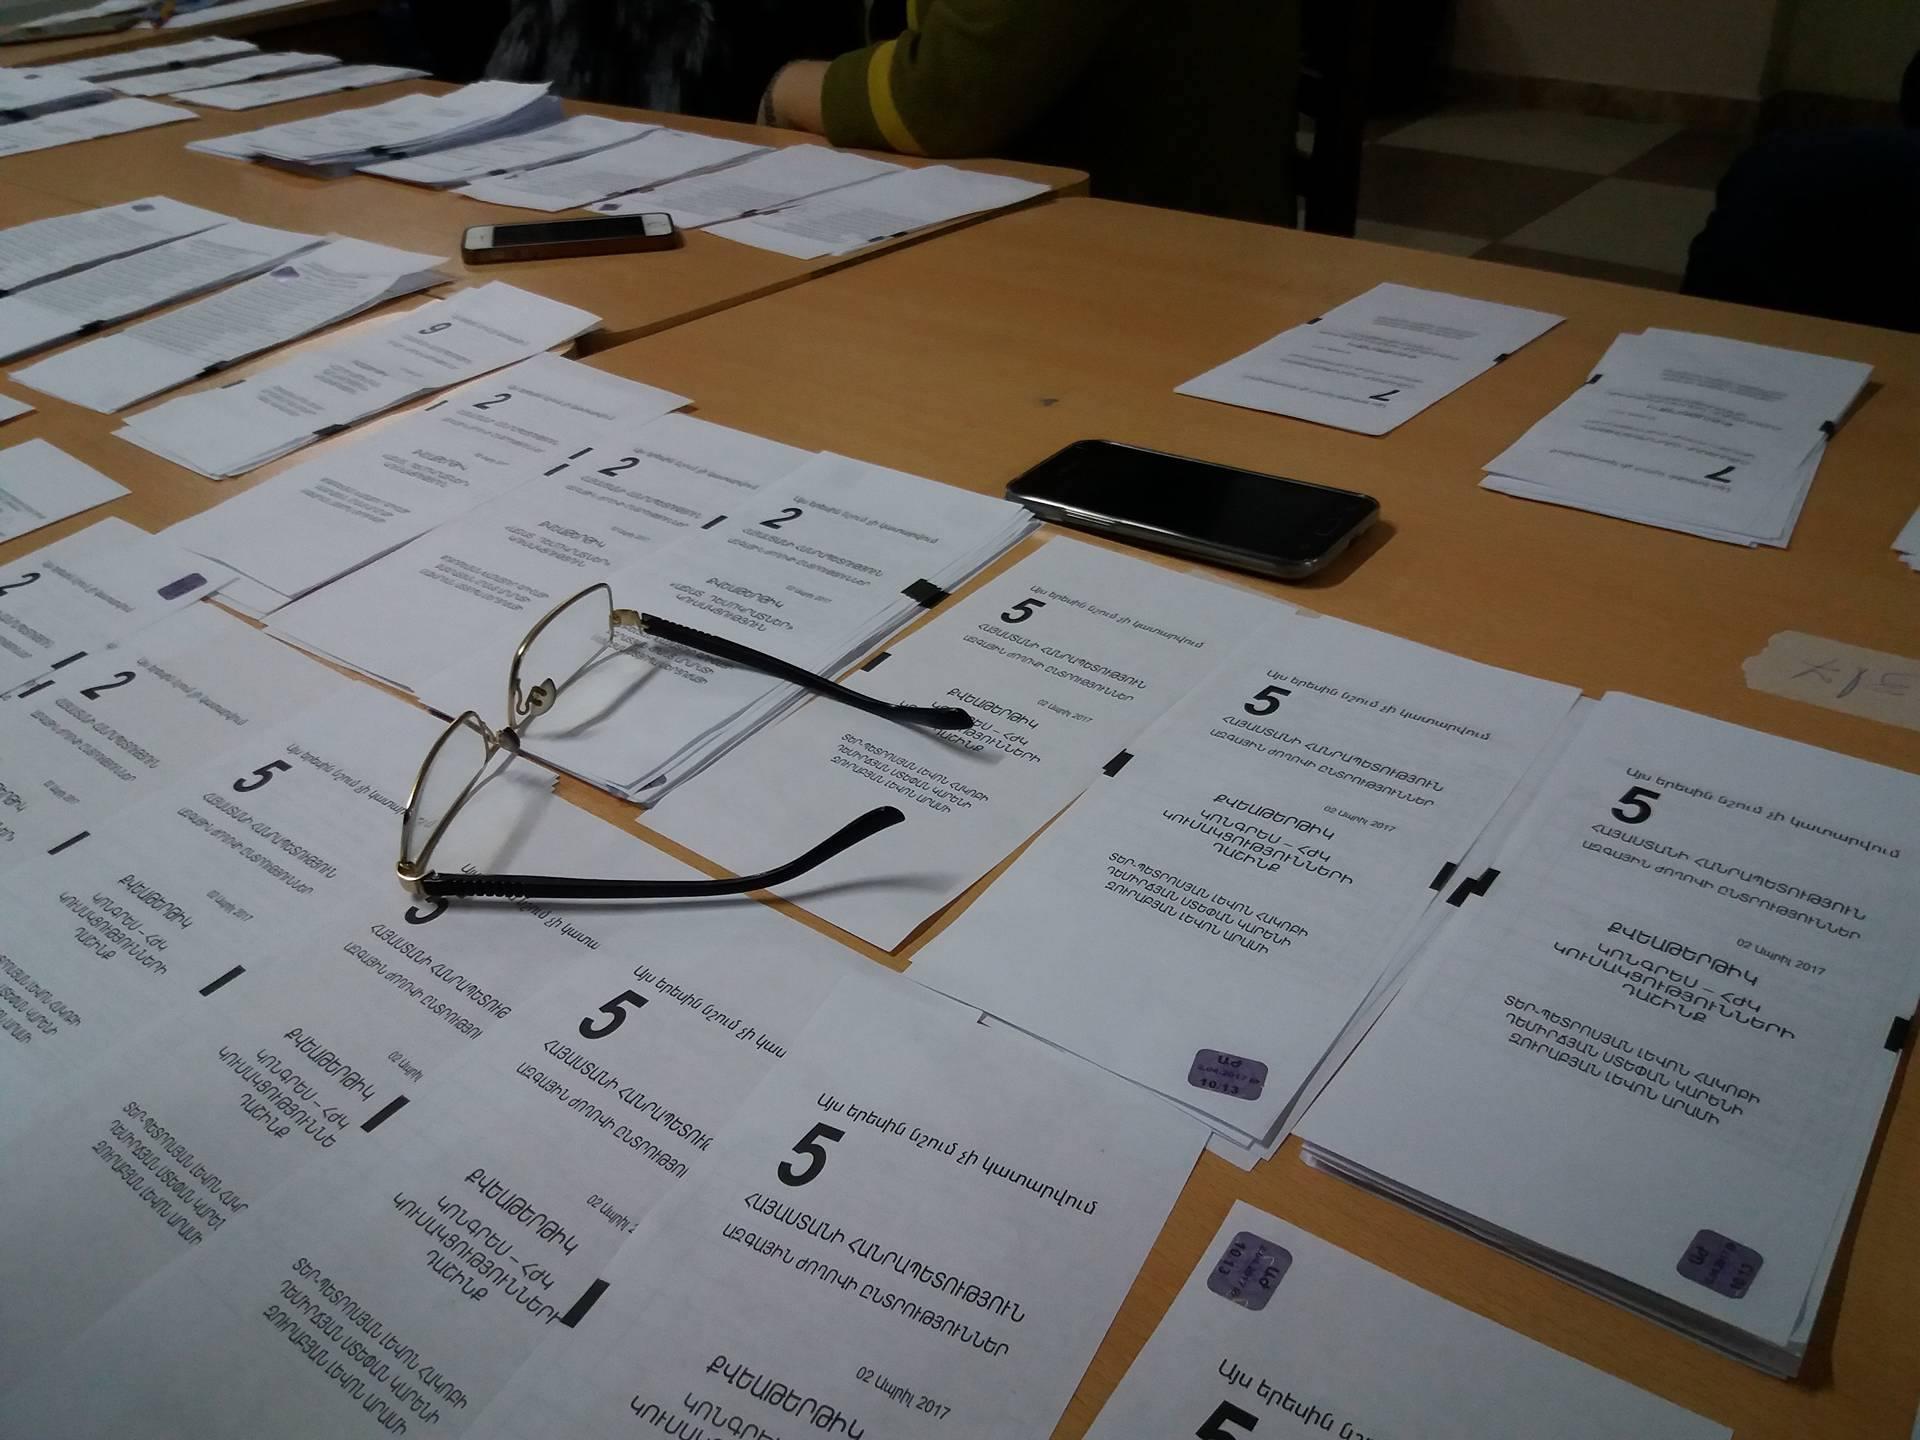 არჩევნები სომხეთში; ფოტო: არმინე ავეტისიანი/ნეტგაზეთი